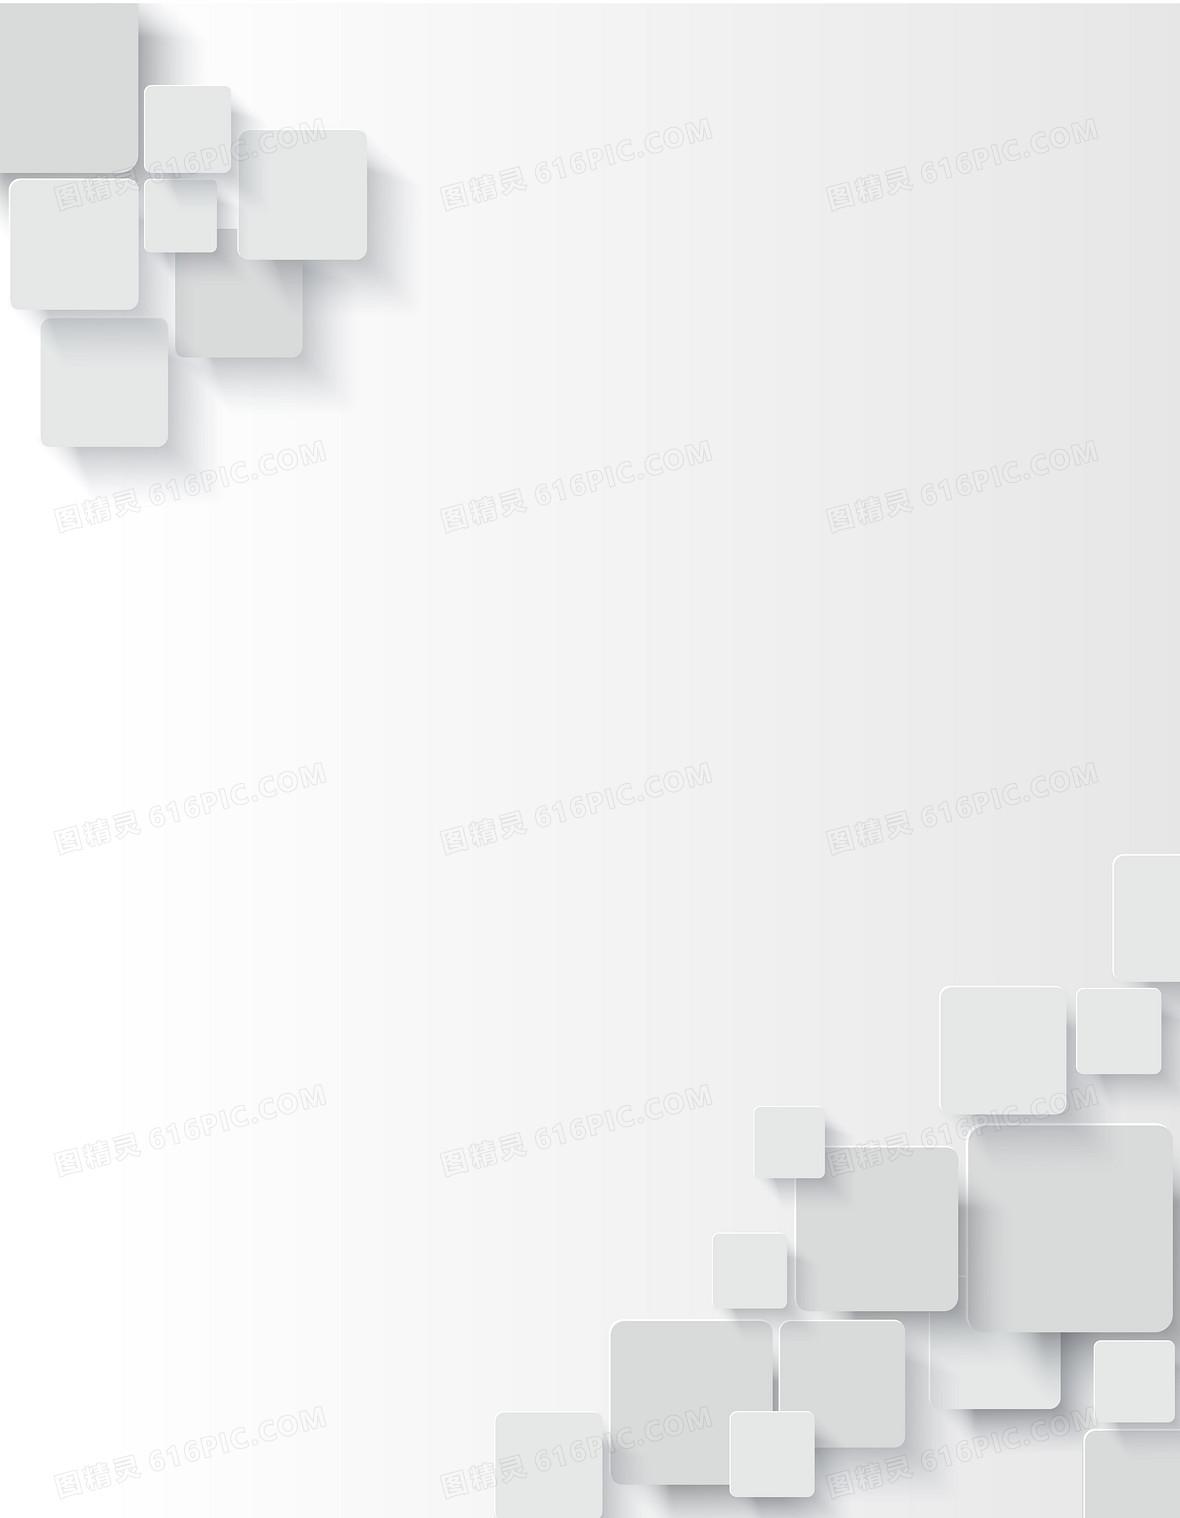 矢量科技几何方块背景